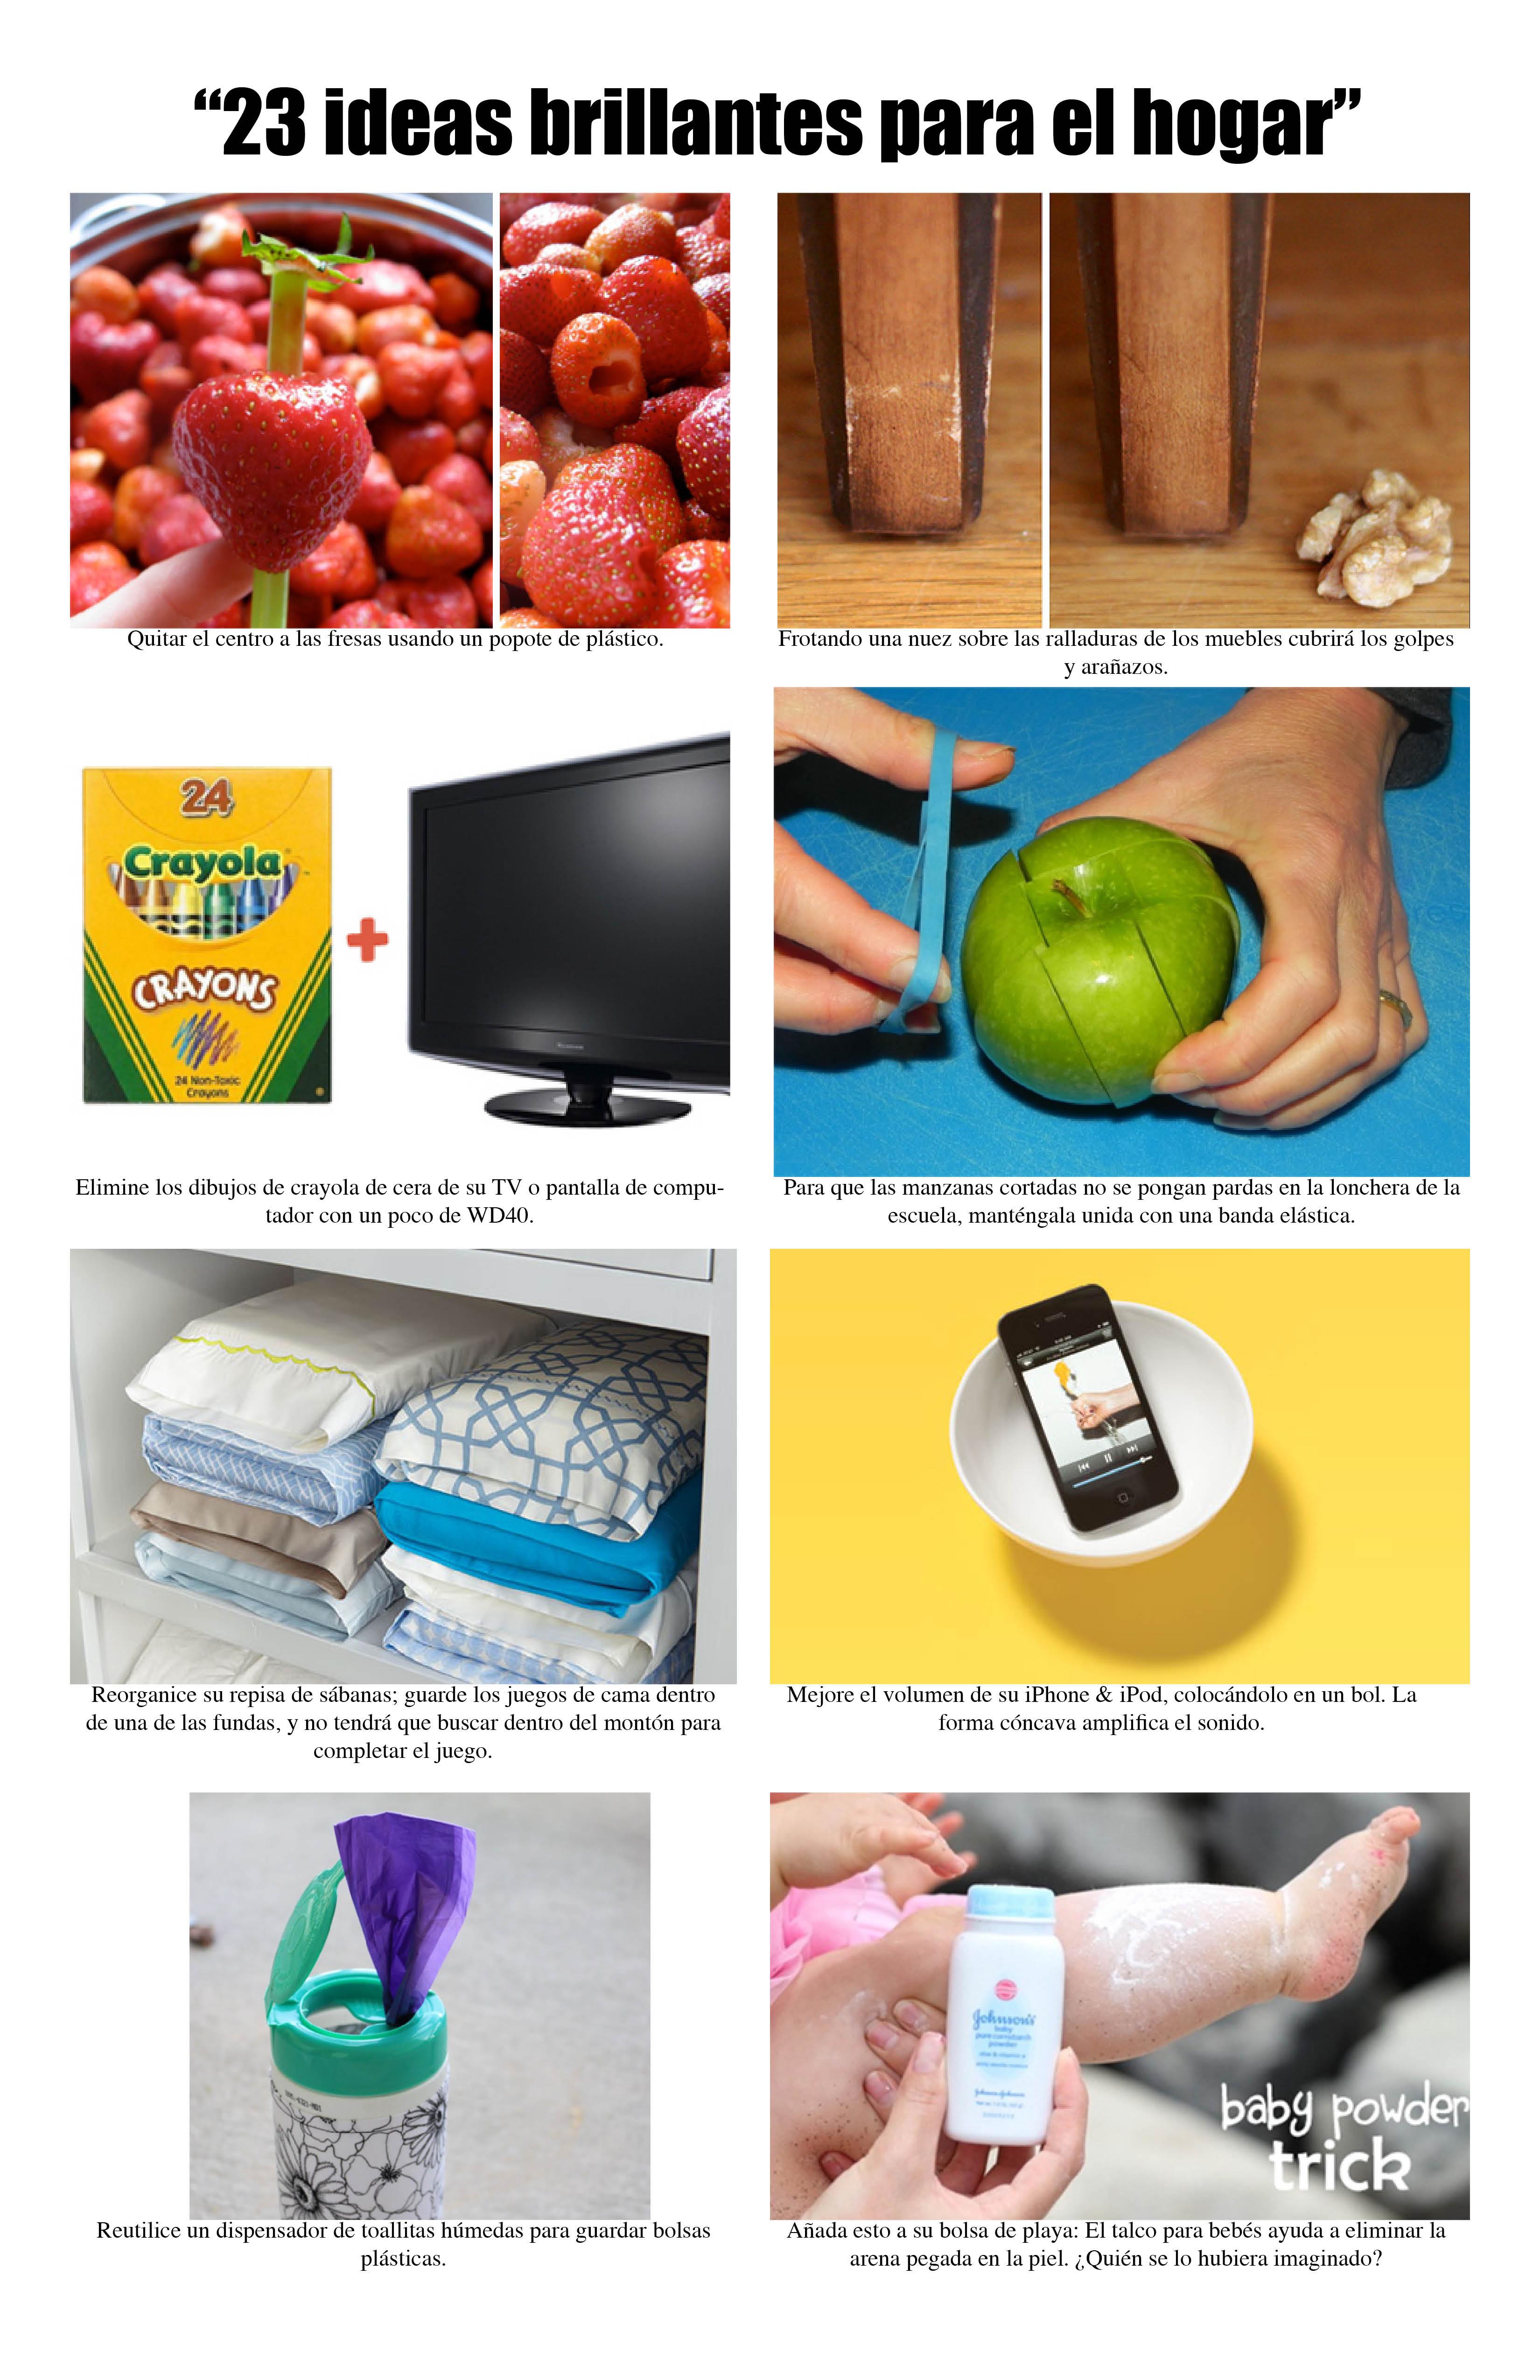 Ideas brillantes para el hogar for Ideas para el hogar